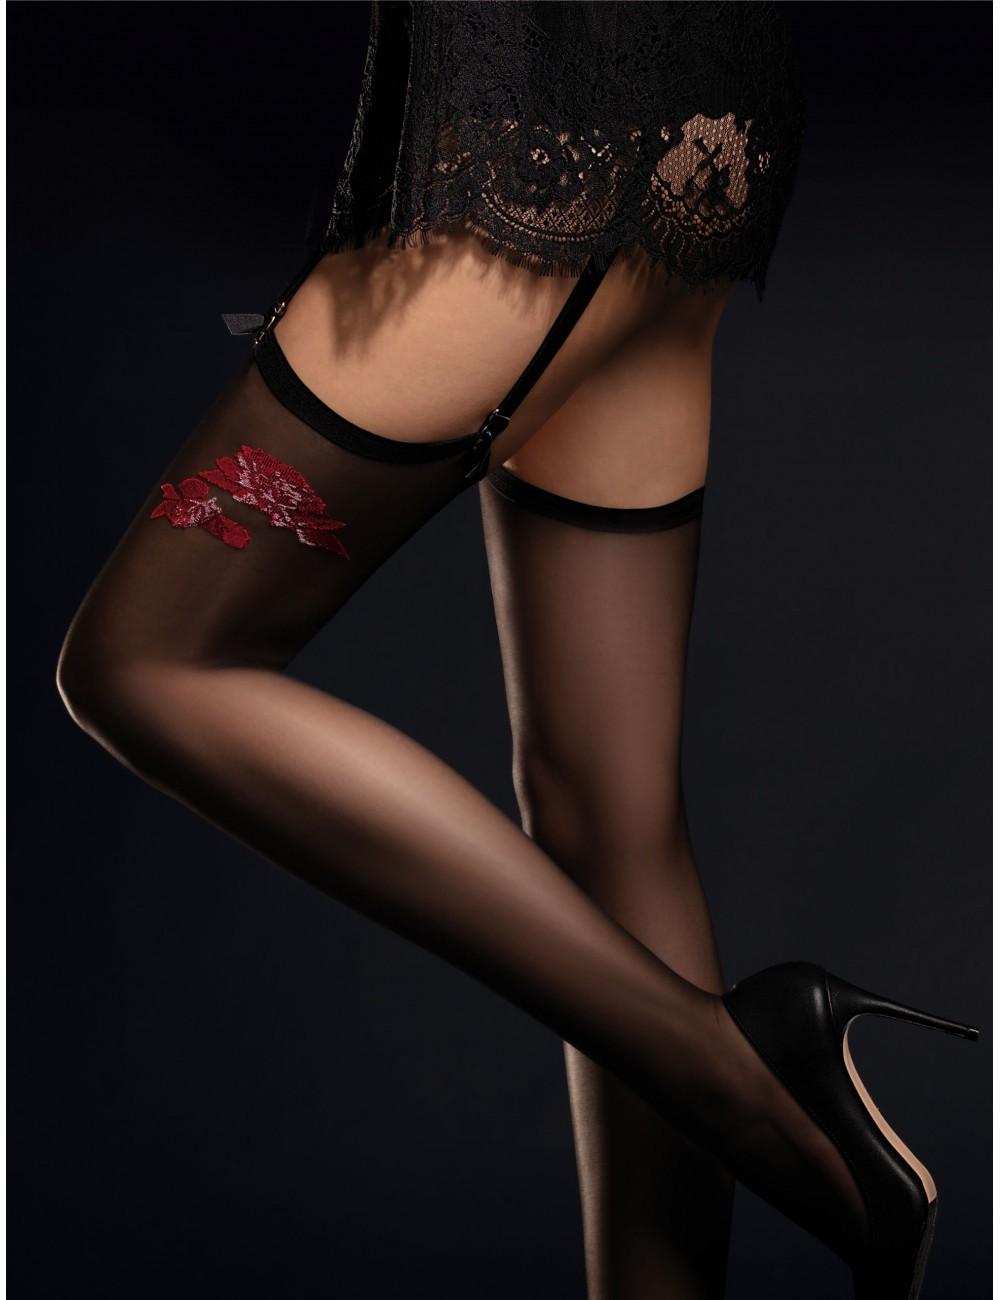 Lingerie - Bas - Bas noire avec motif floral rouge 20 DEN Piccante - Fiore